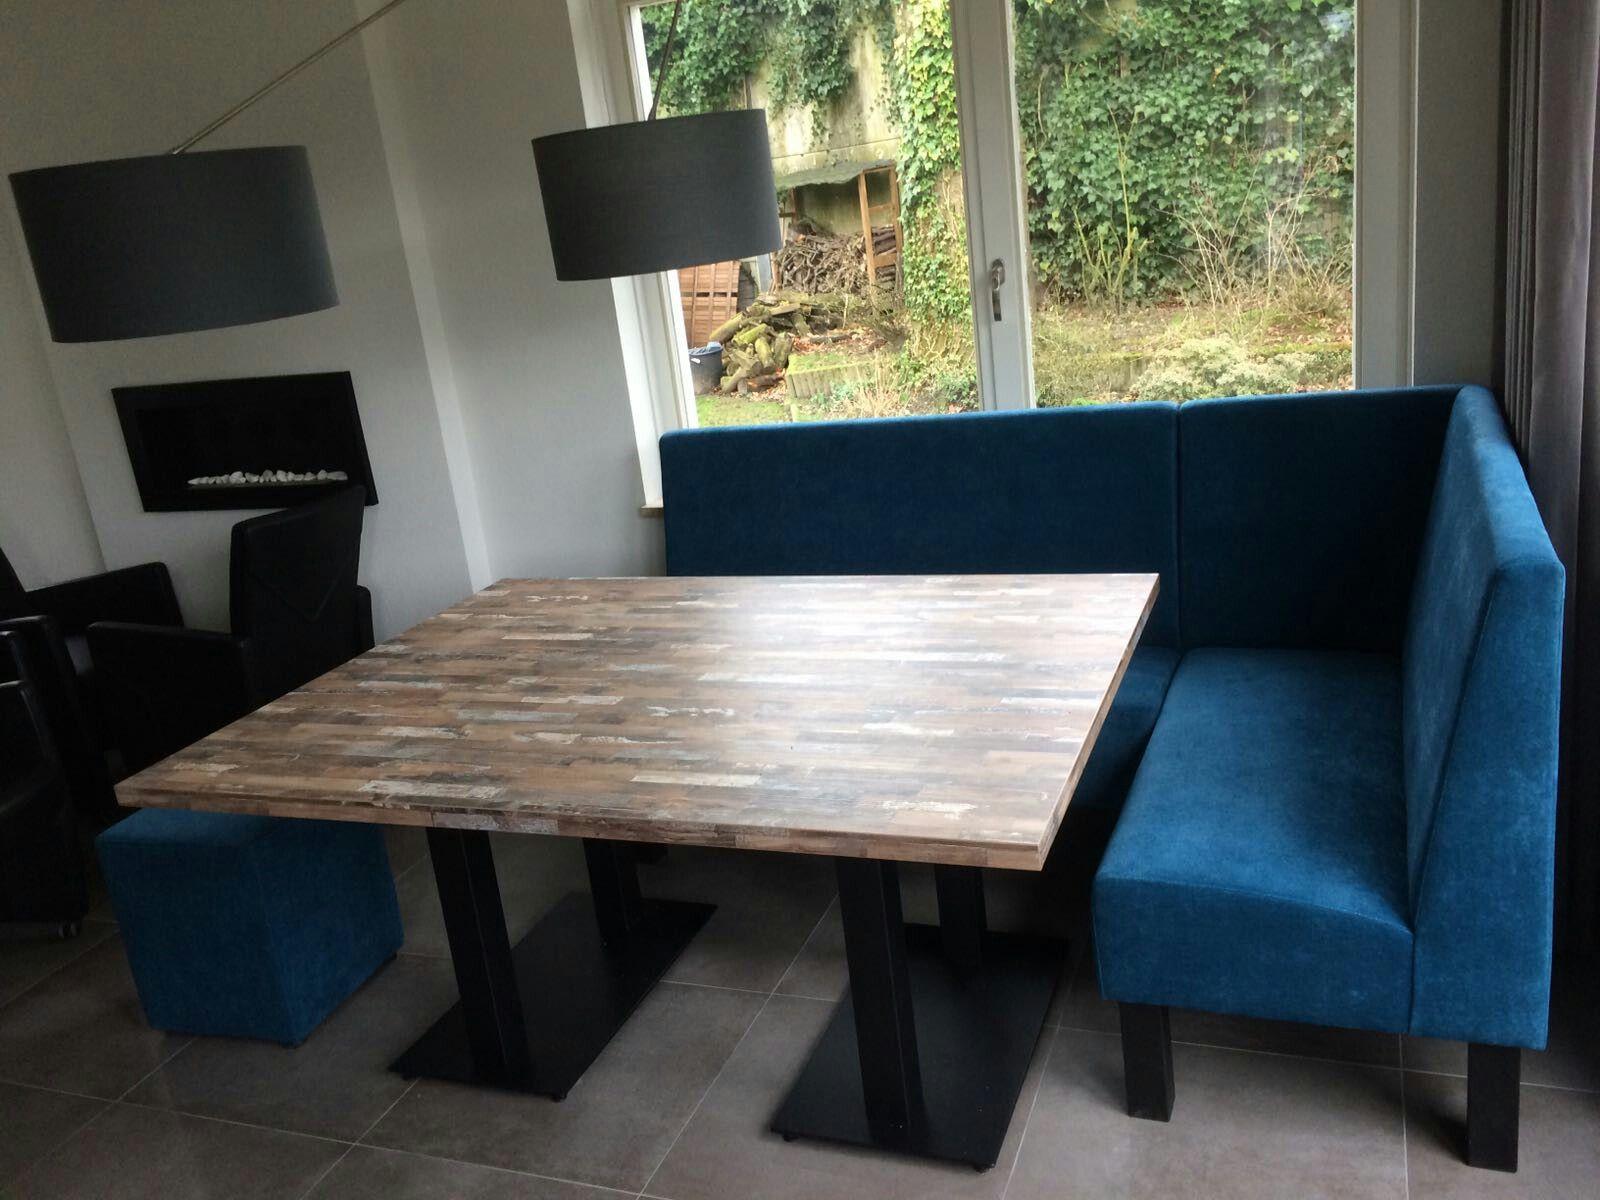 Eettafel vierkant met hoek eetkamerbank - kitchens & dining rooms ...